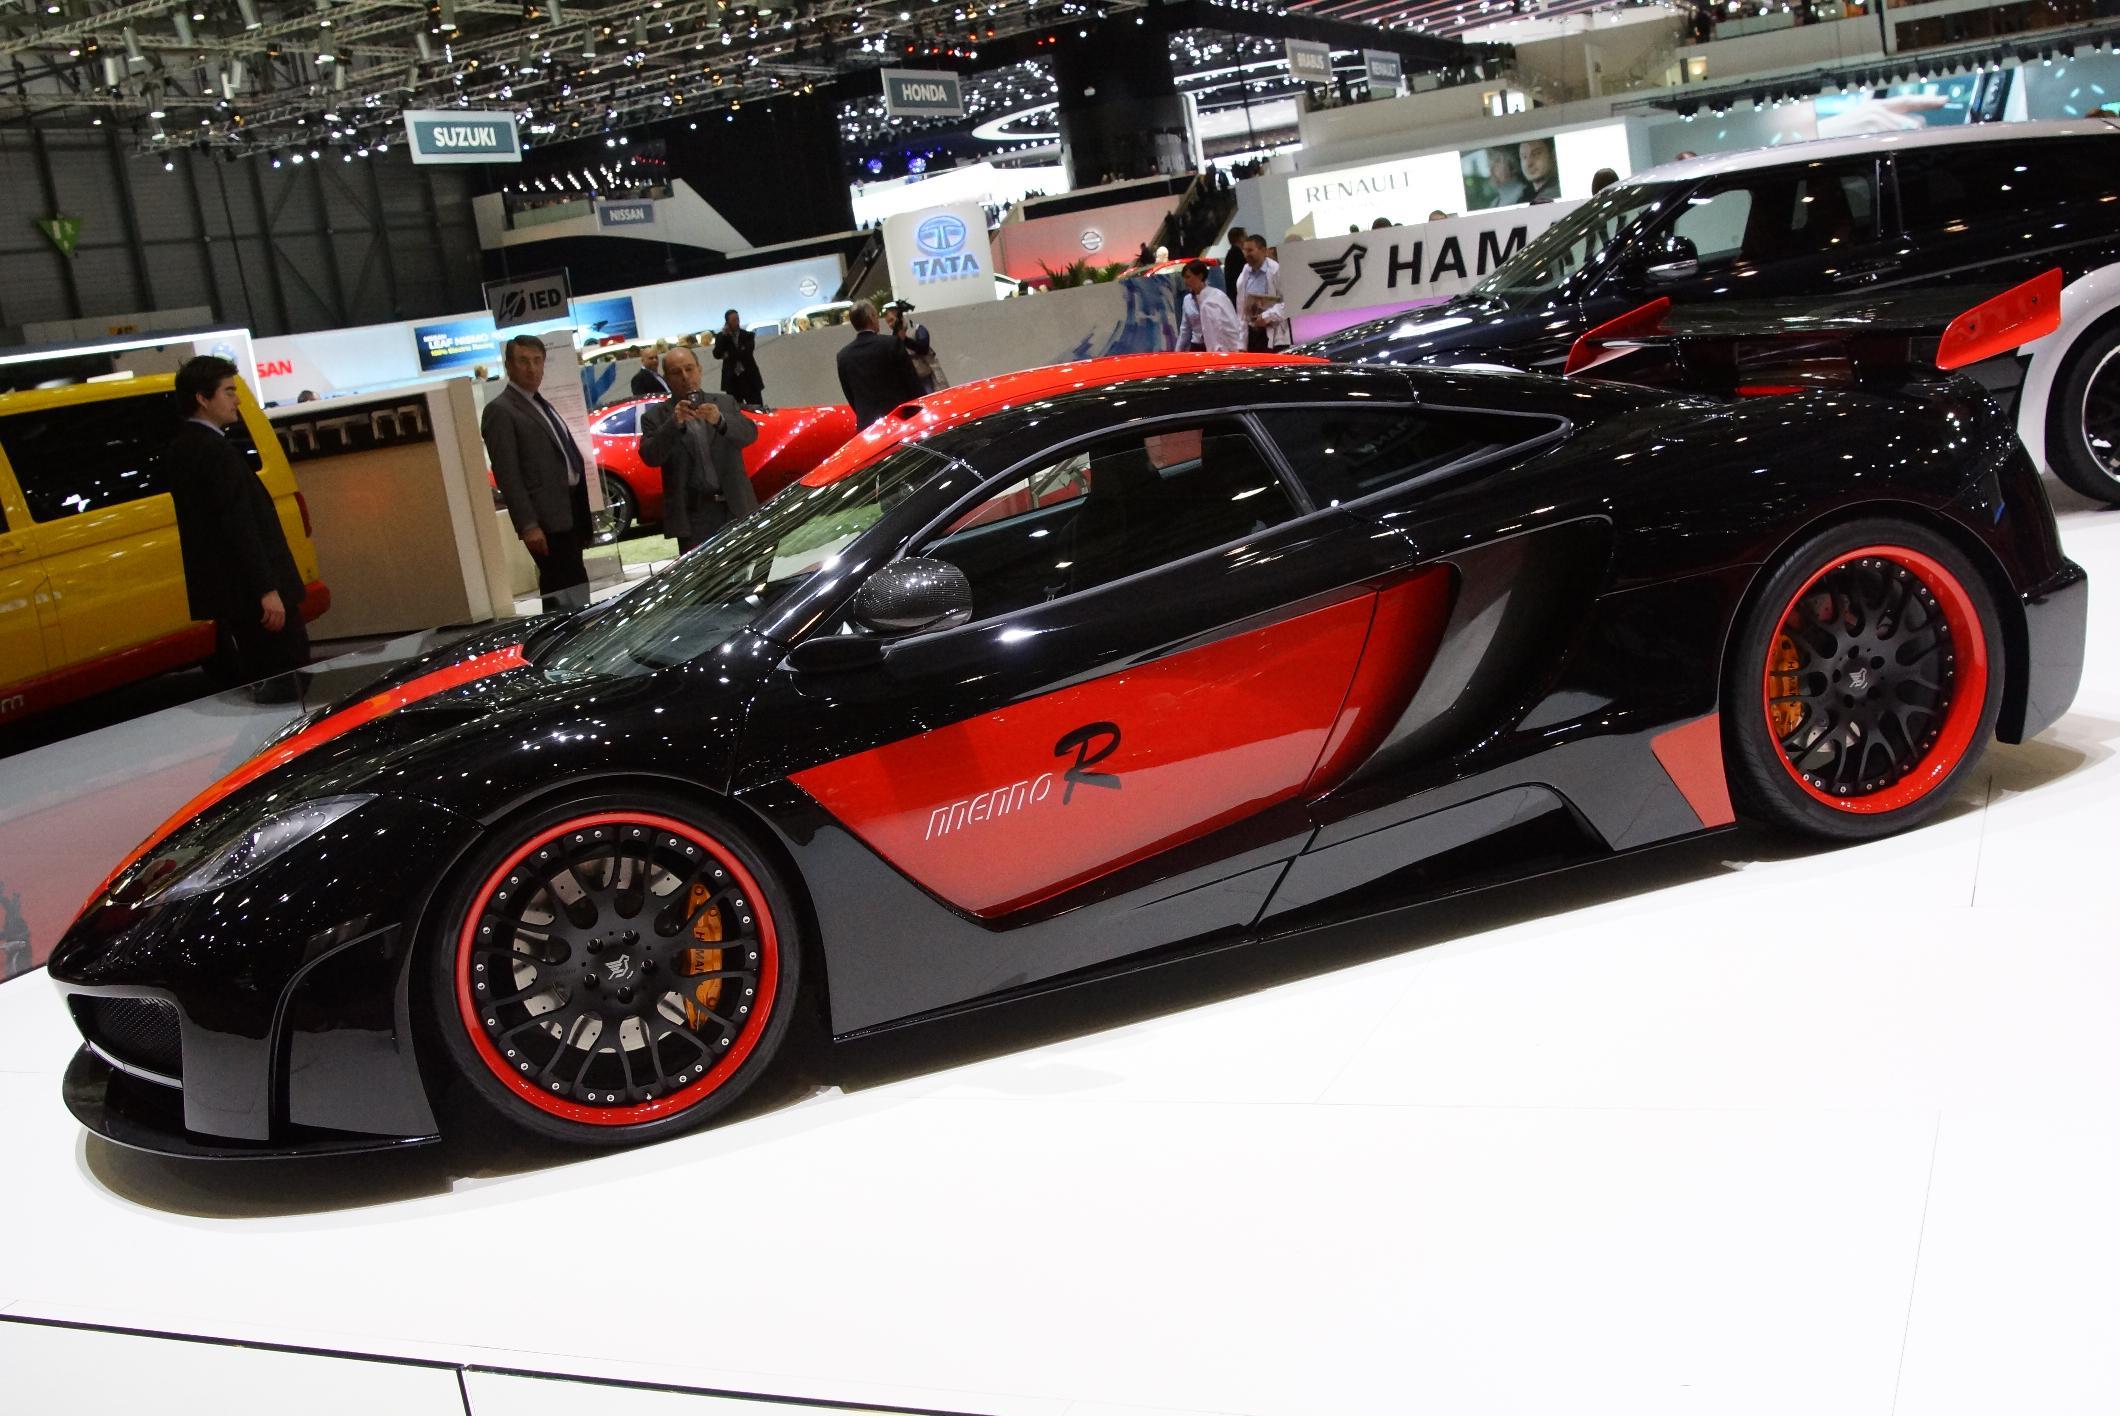 Hamann memoR McLaren MP4-12C Geneva 2012 Side